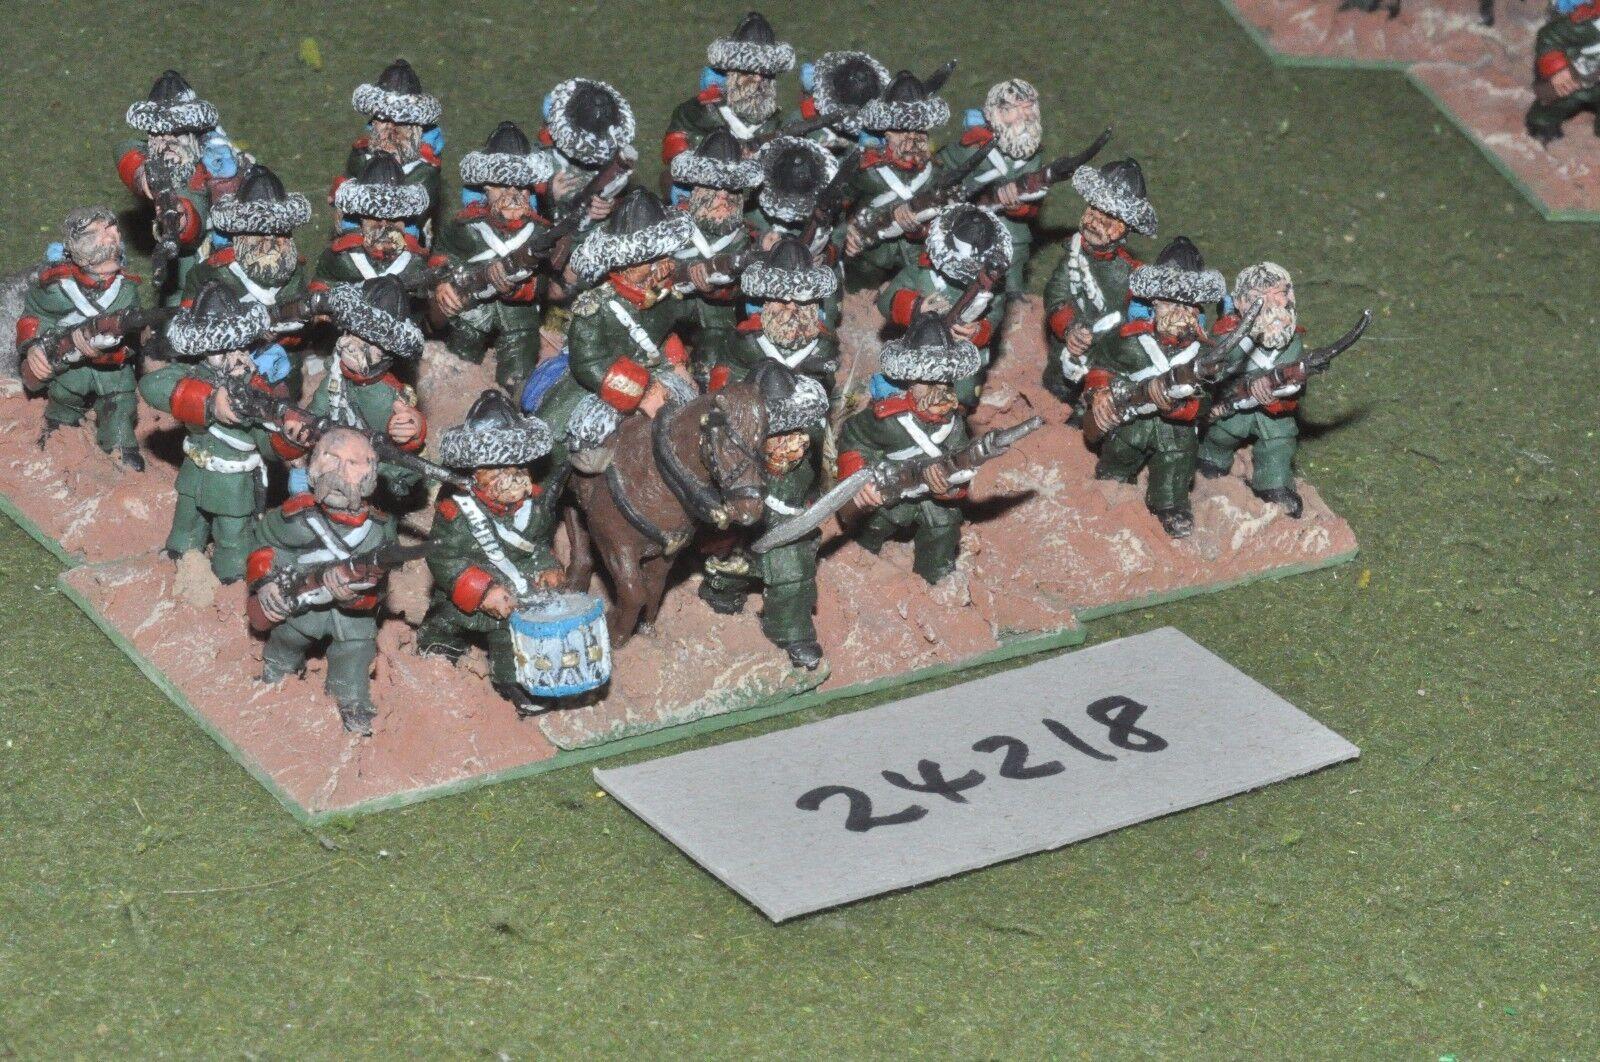 28 mm 19th siècle RUSSIE-CRIMÉE Regiment 24 figures-INF (24218)